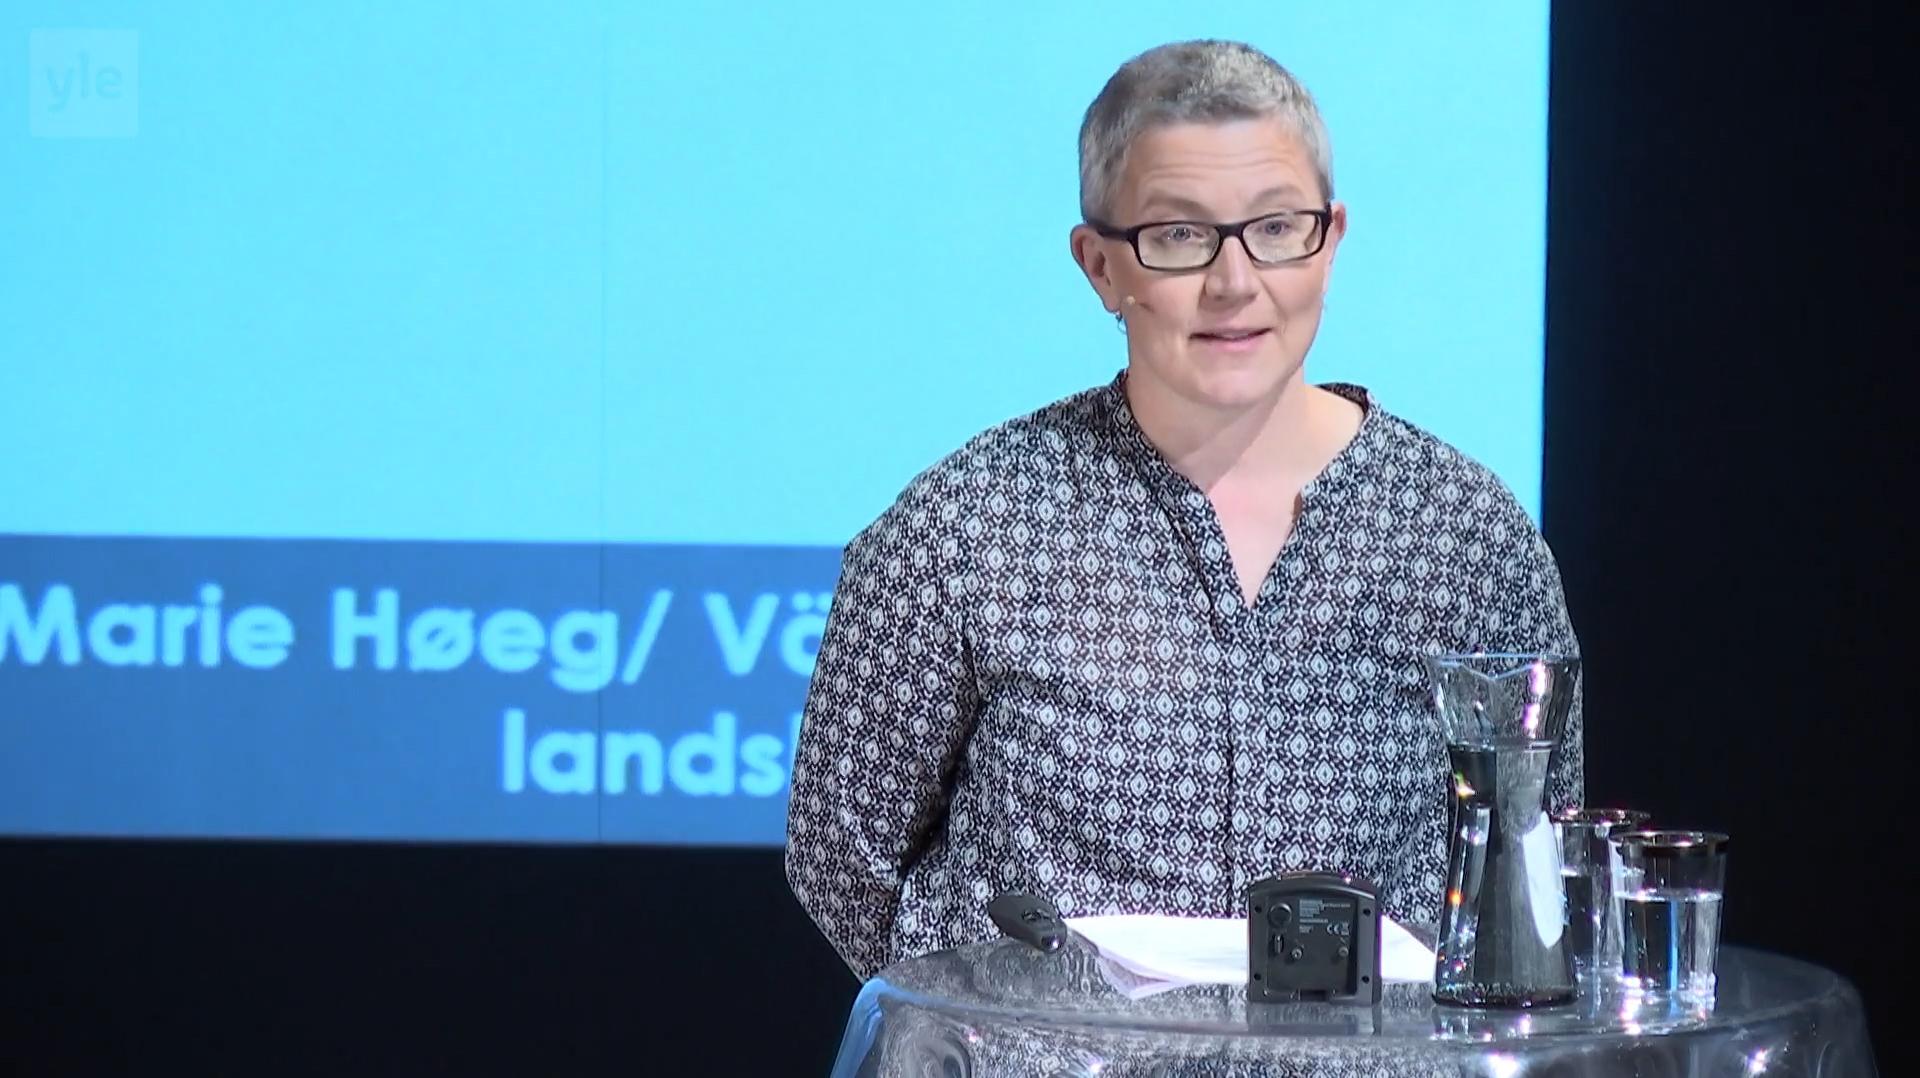 Rita Paqvalén puolikuvassa pitämässä esitelmää.